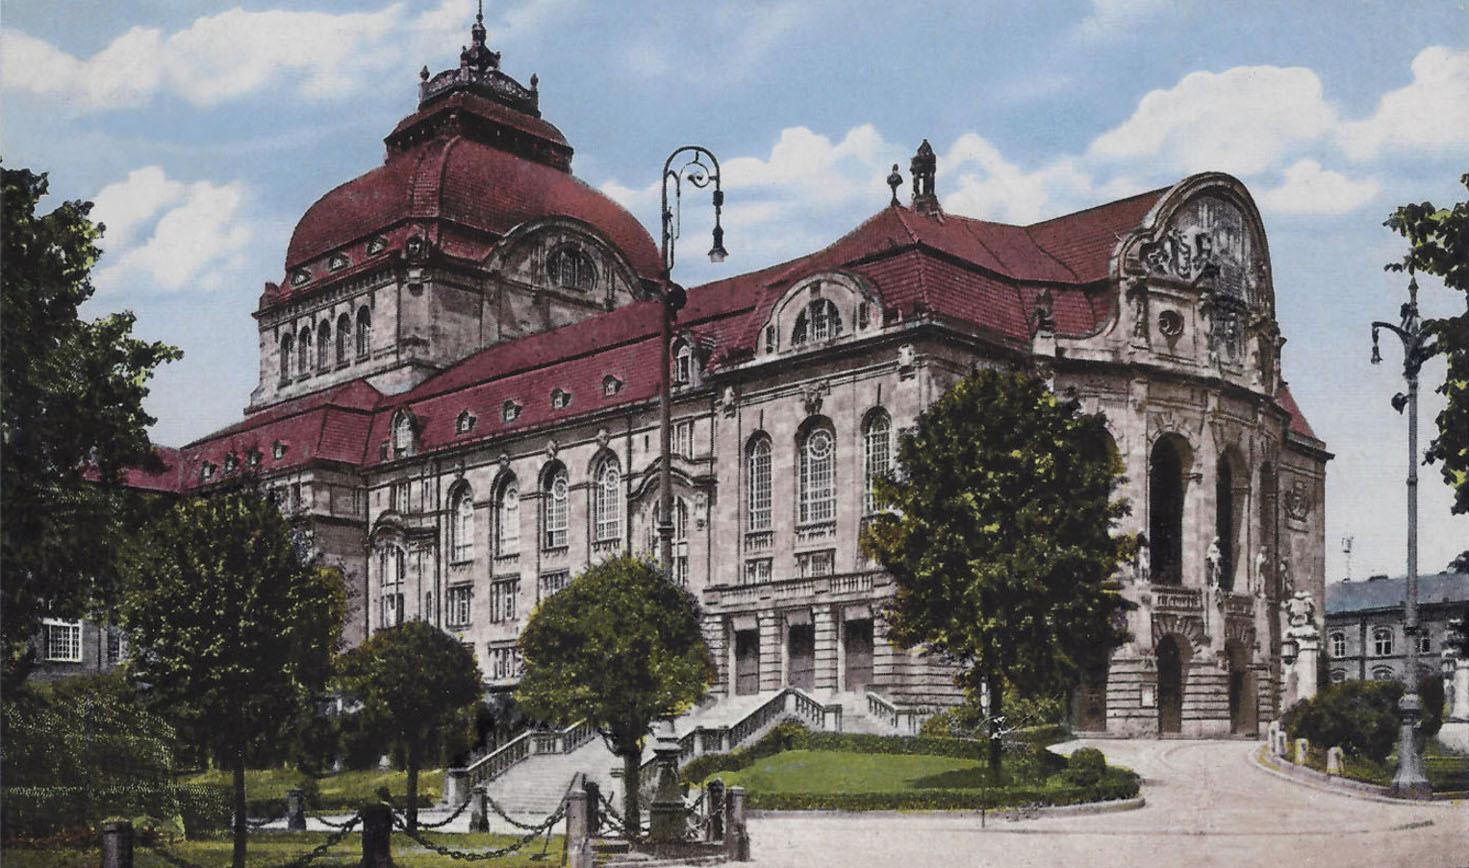 STADTBILD<br>Vor der Zerstörung<br>Stadttheater Freiburg um 1920